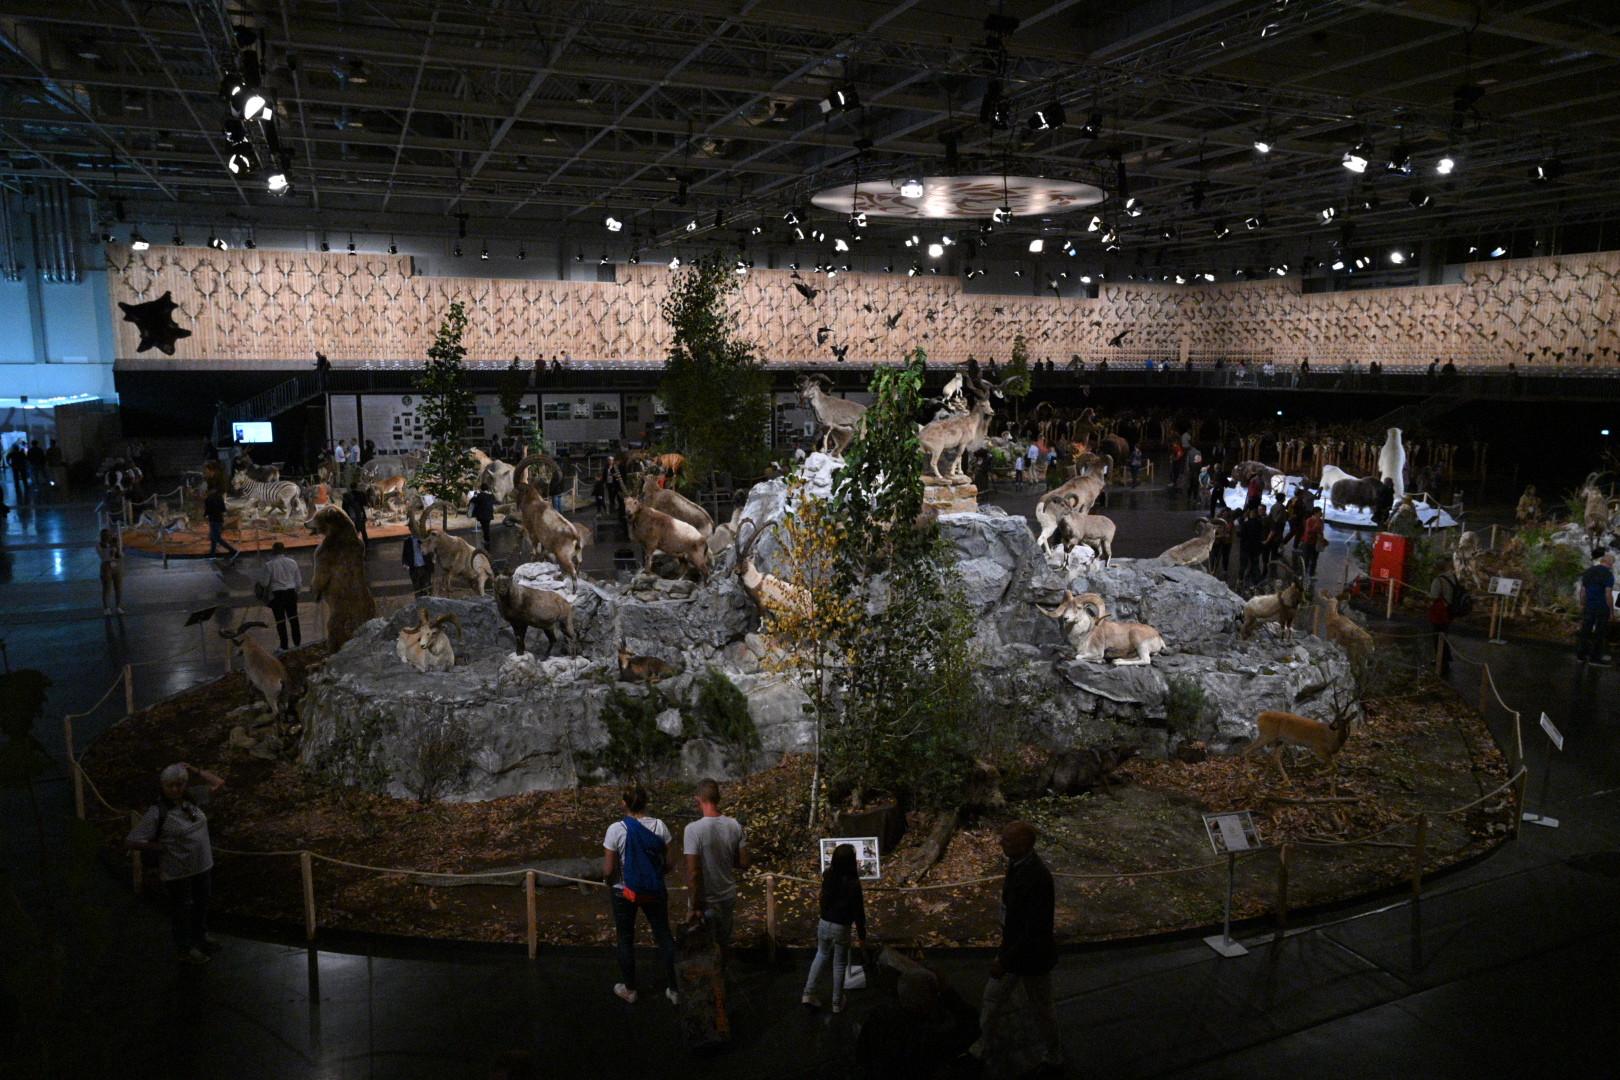 A világkiállításon a megújult Hungexpo Kongresszusi és Kiállítási Központ területén nyolc pavilonban várják különféle programokkal a látogatókat szeptember 25-től október 14-ig (Kattintással vagy pöccintéssel lapozhatók a galéria fotói)